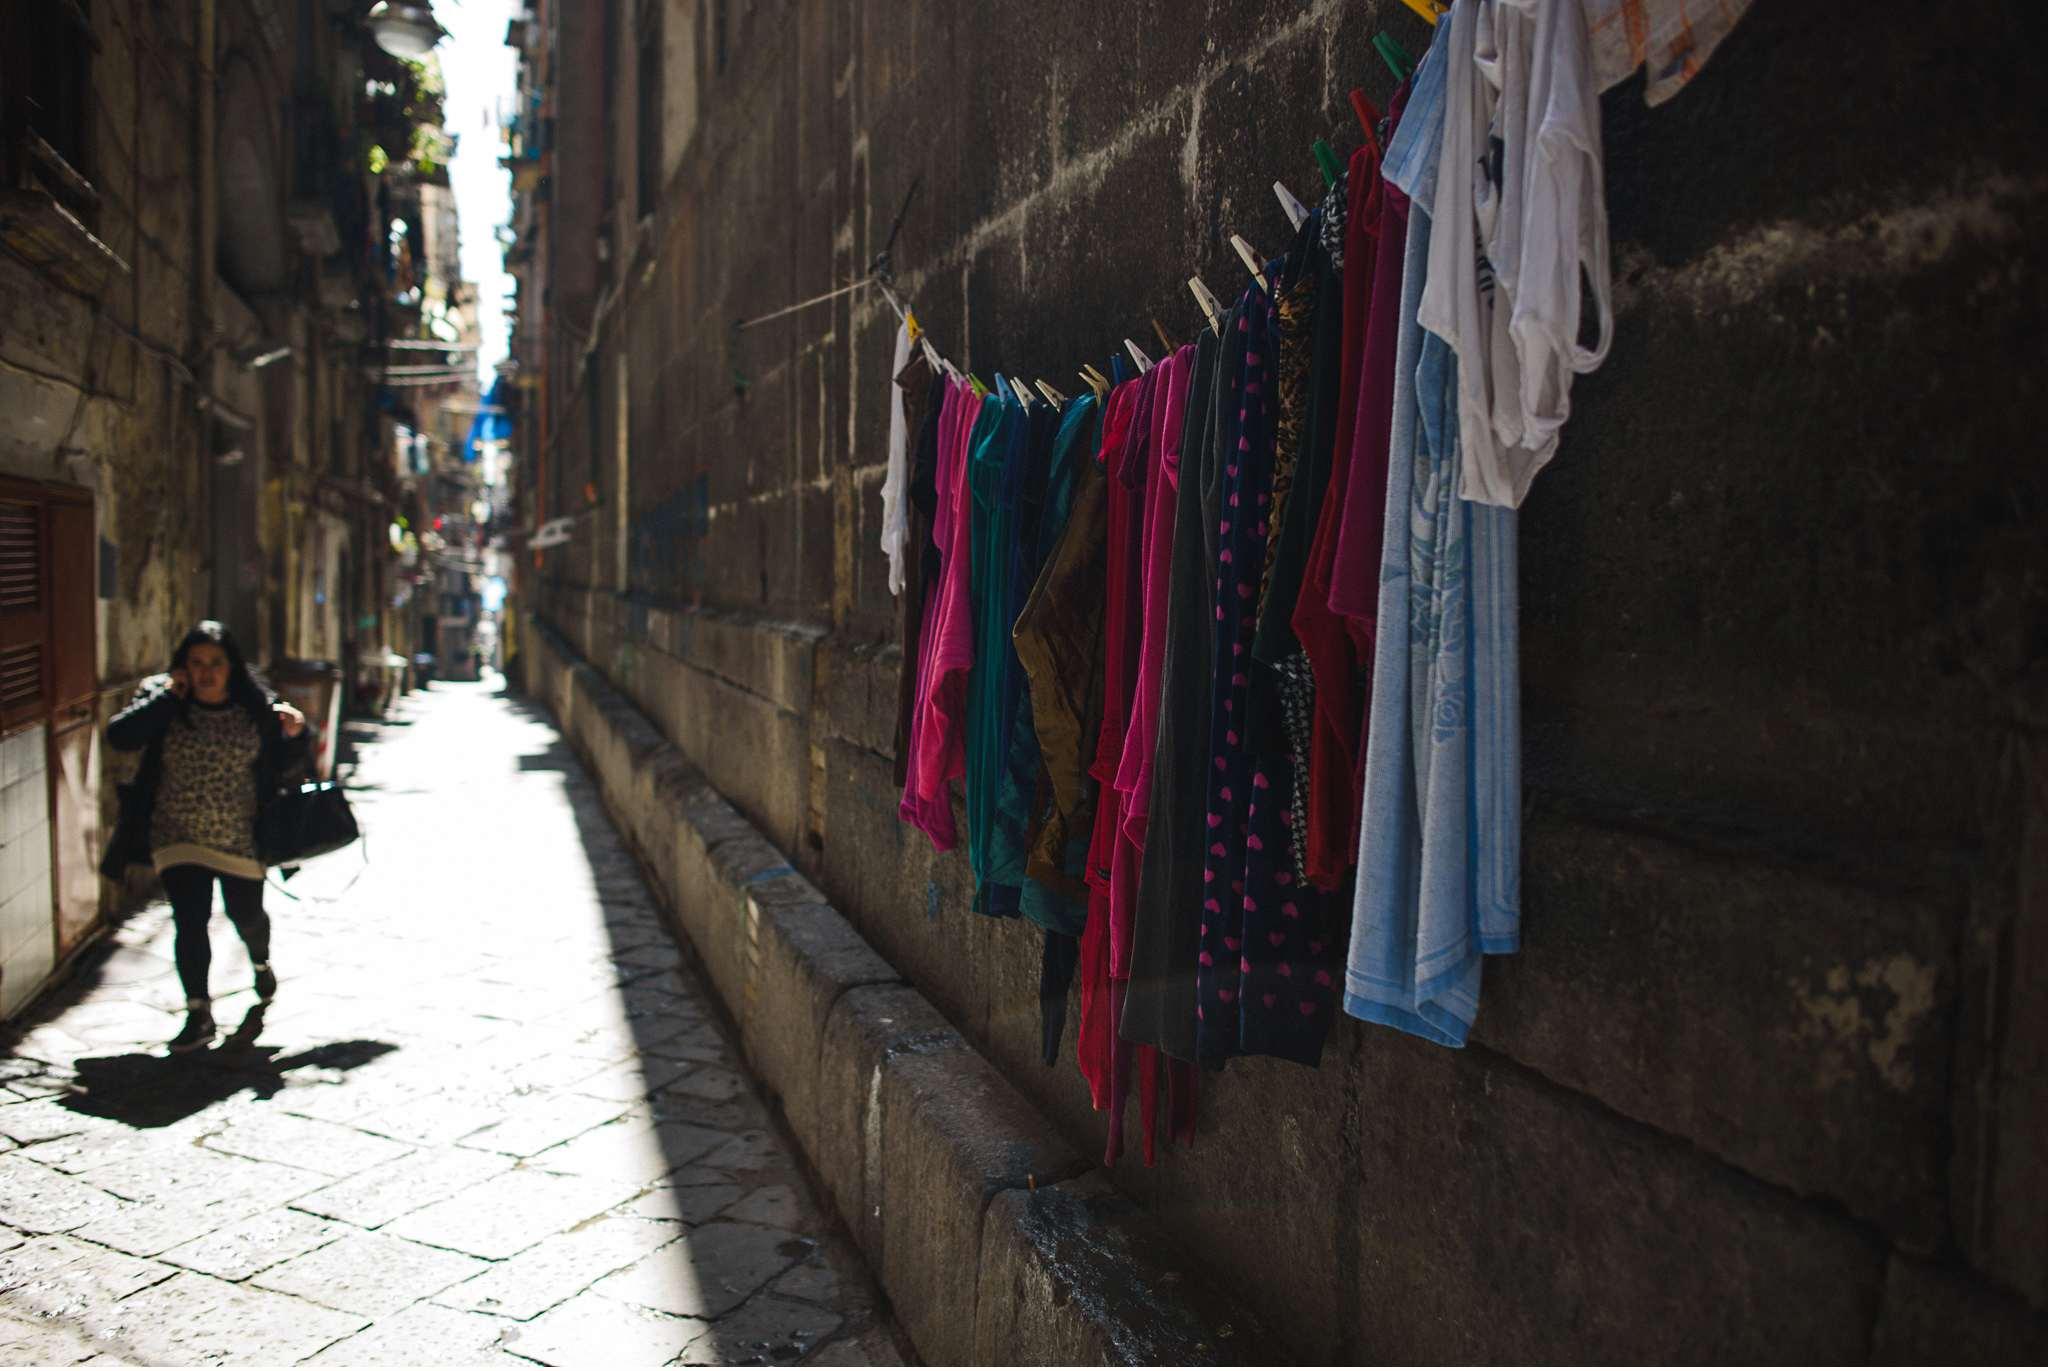 Interrail Reise - Italien Neapel - Geschichten von unterwegs - Foto Daniel Kempf-Seifried-34